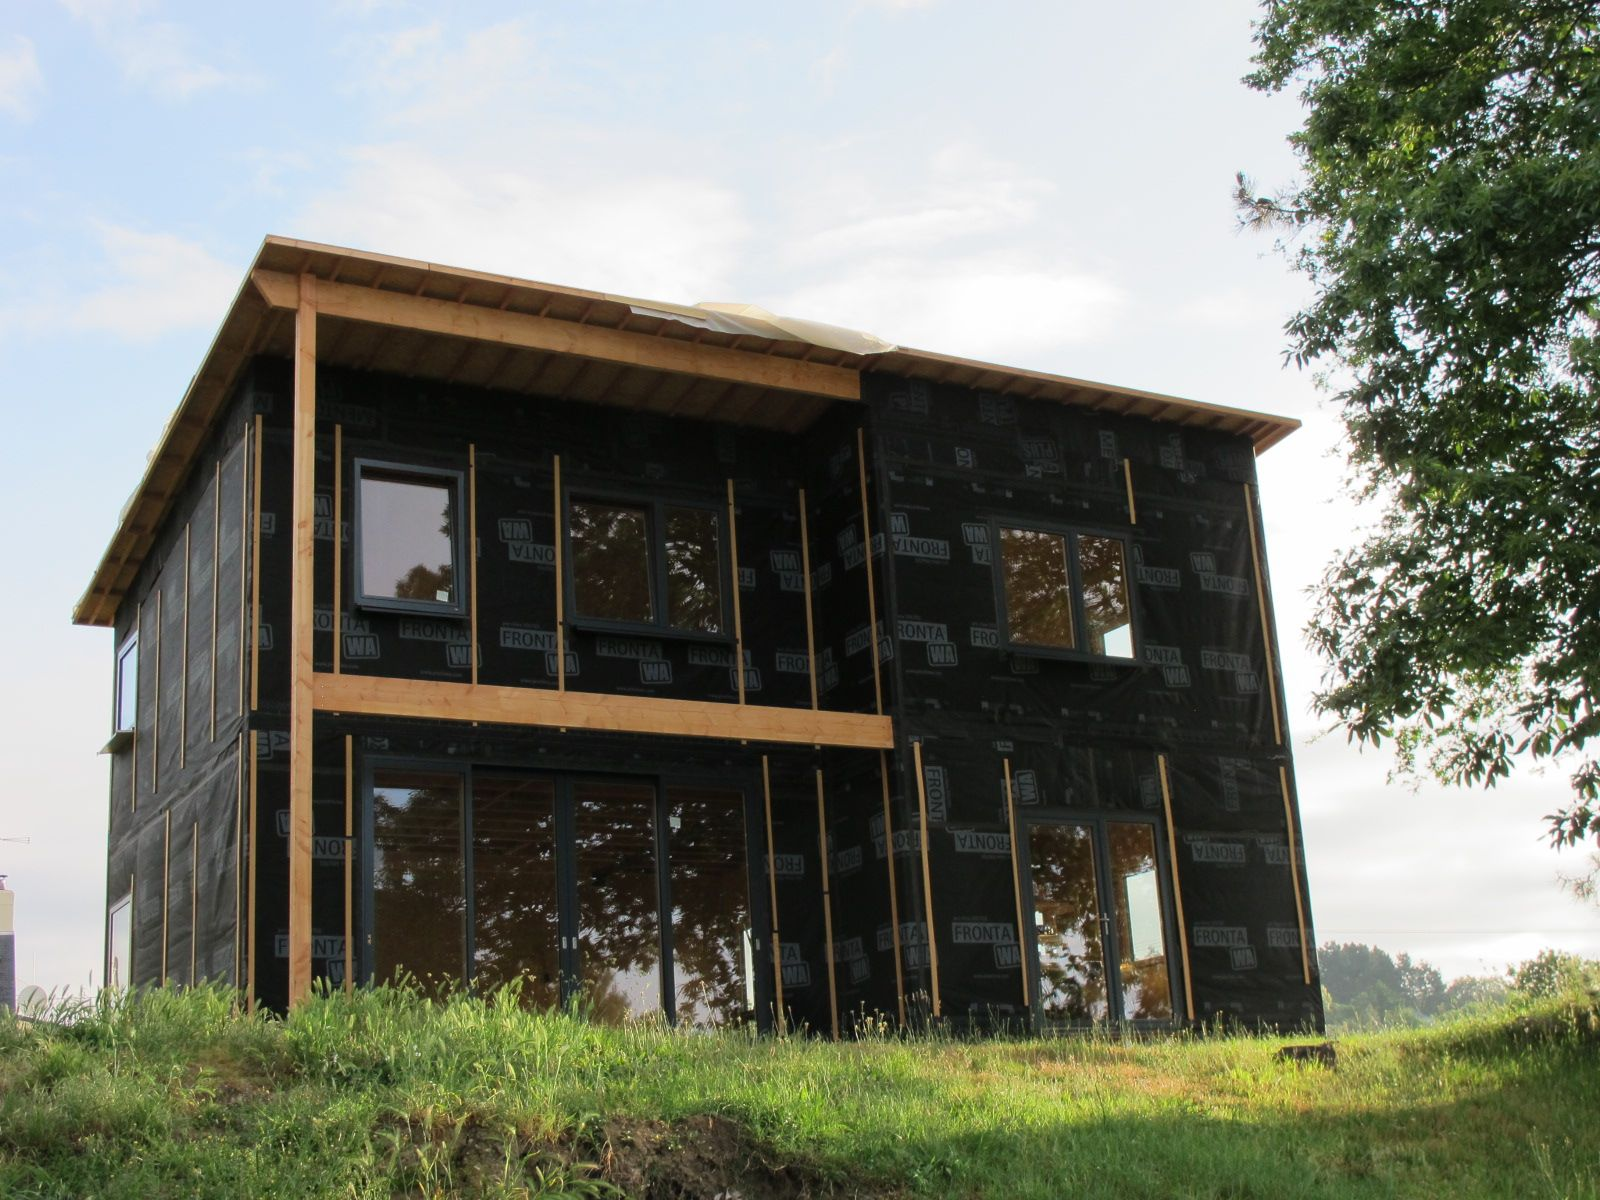 Maison en roseaux Bois Paille Ingénierie